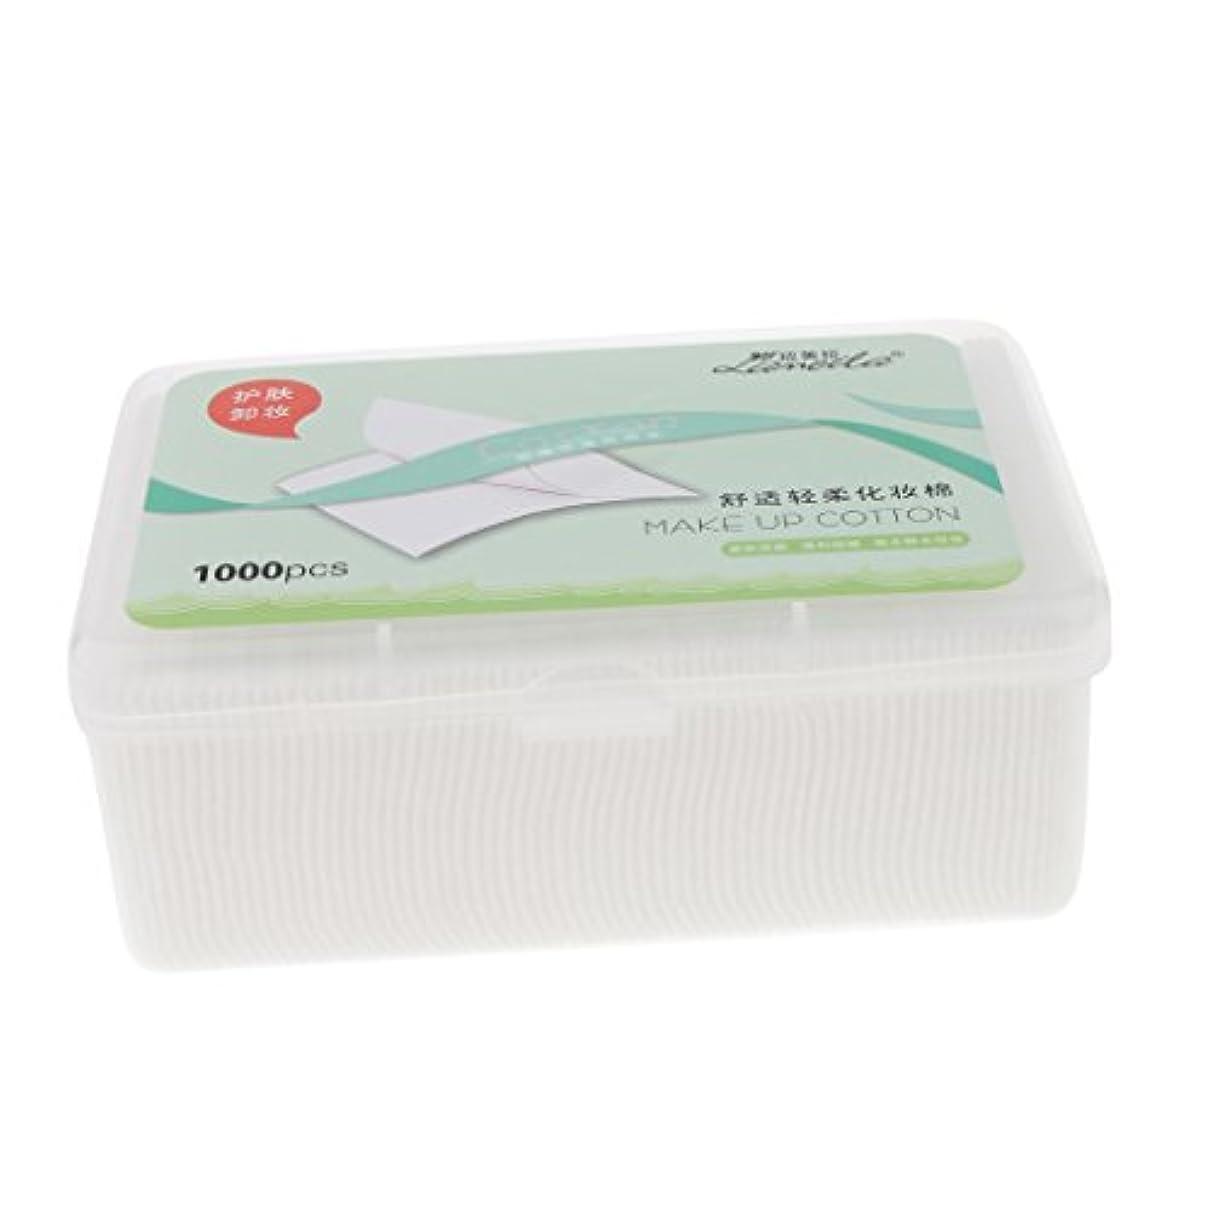 リダクター面倒包帯約1000個 メイクリムーバー 綿パッド ソフト メイクリムーバー コットンパッド 化粧品 パフ